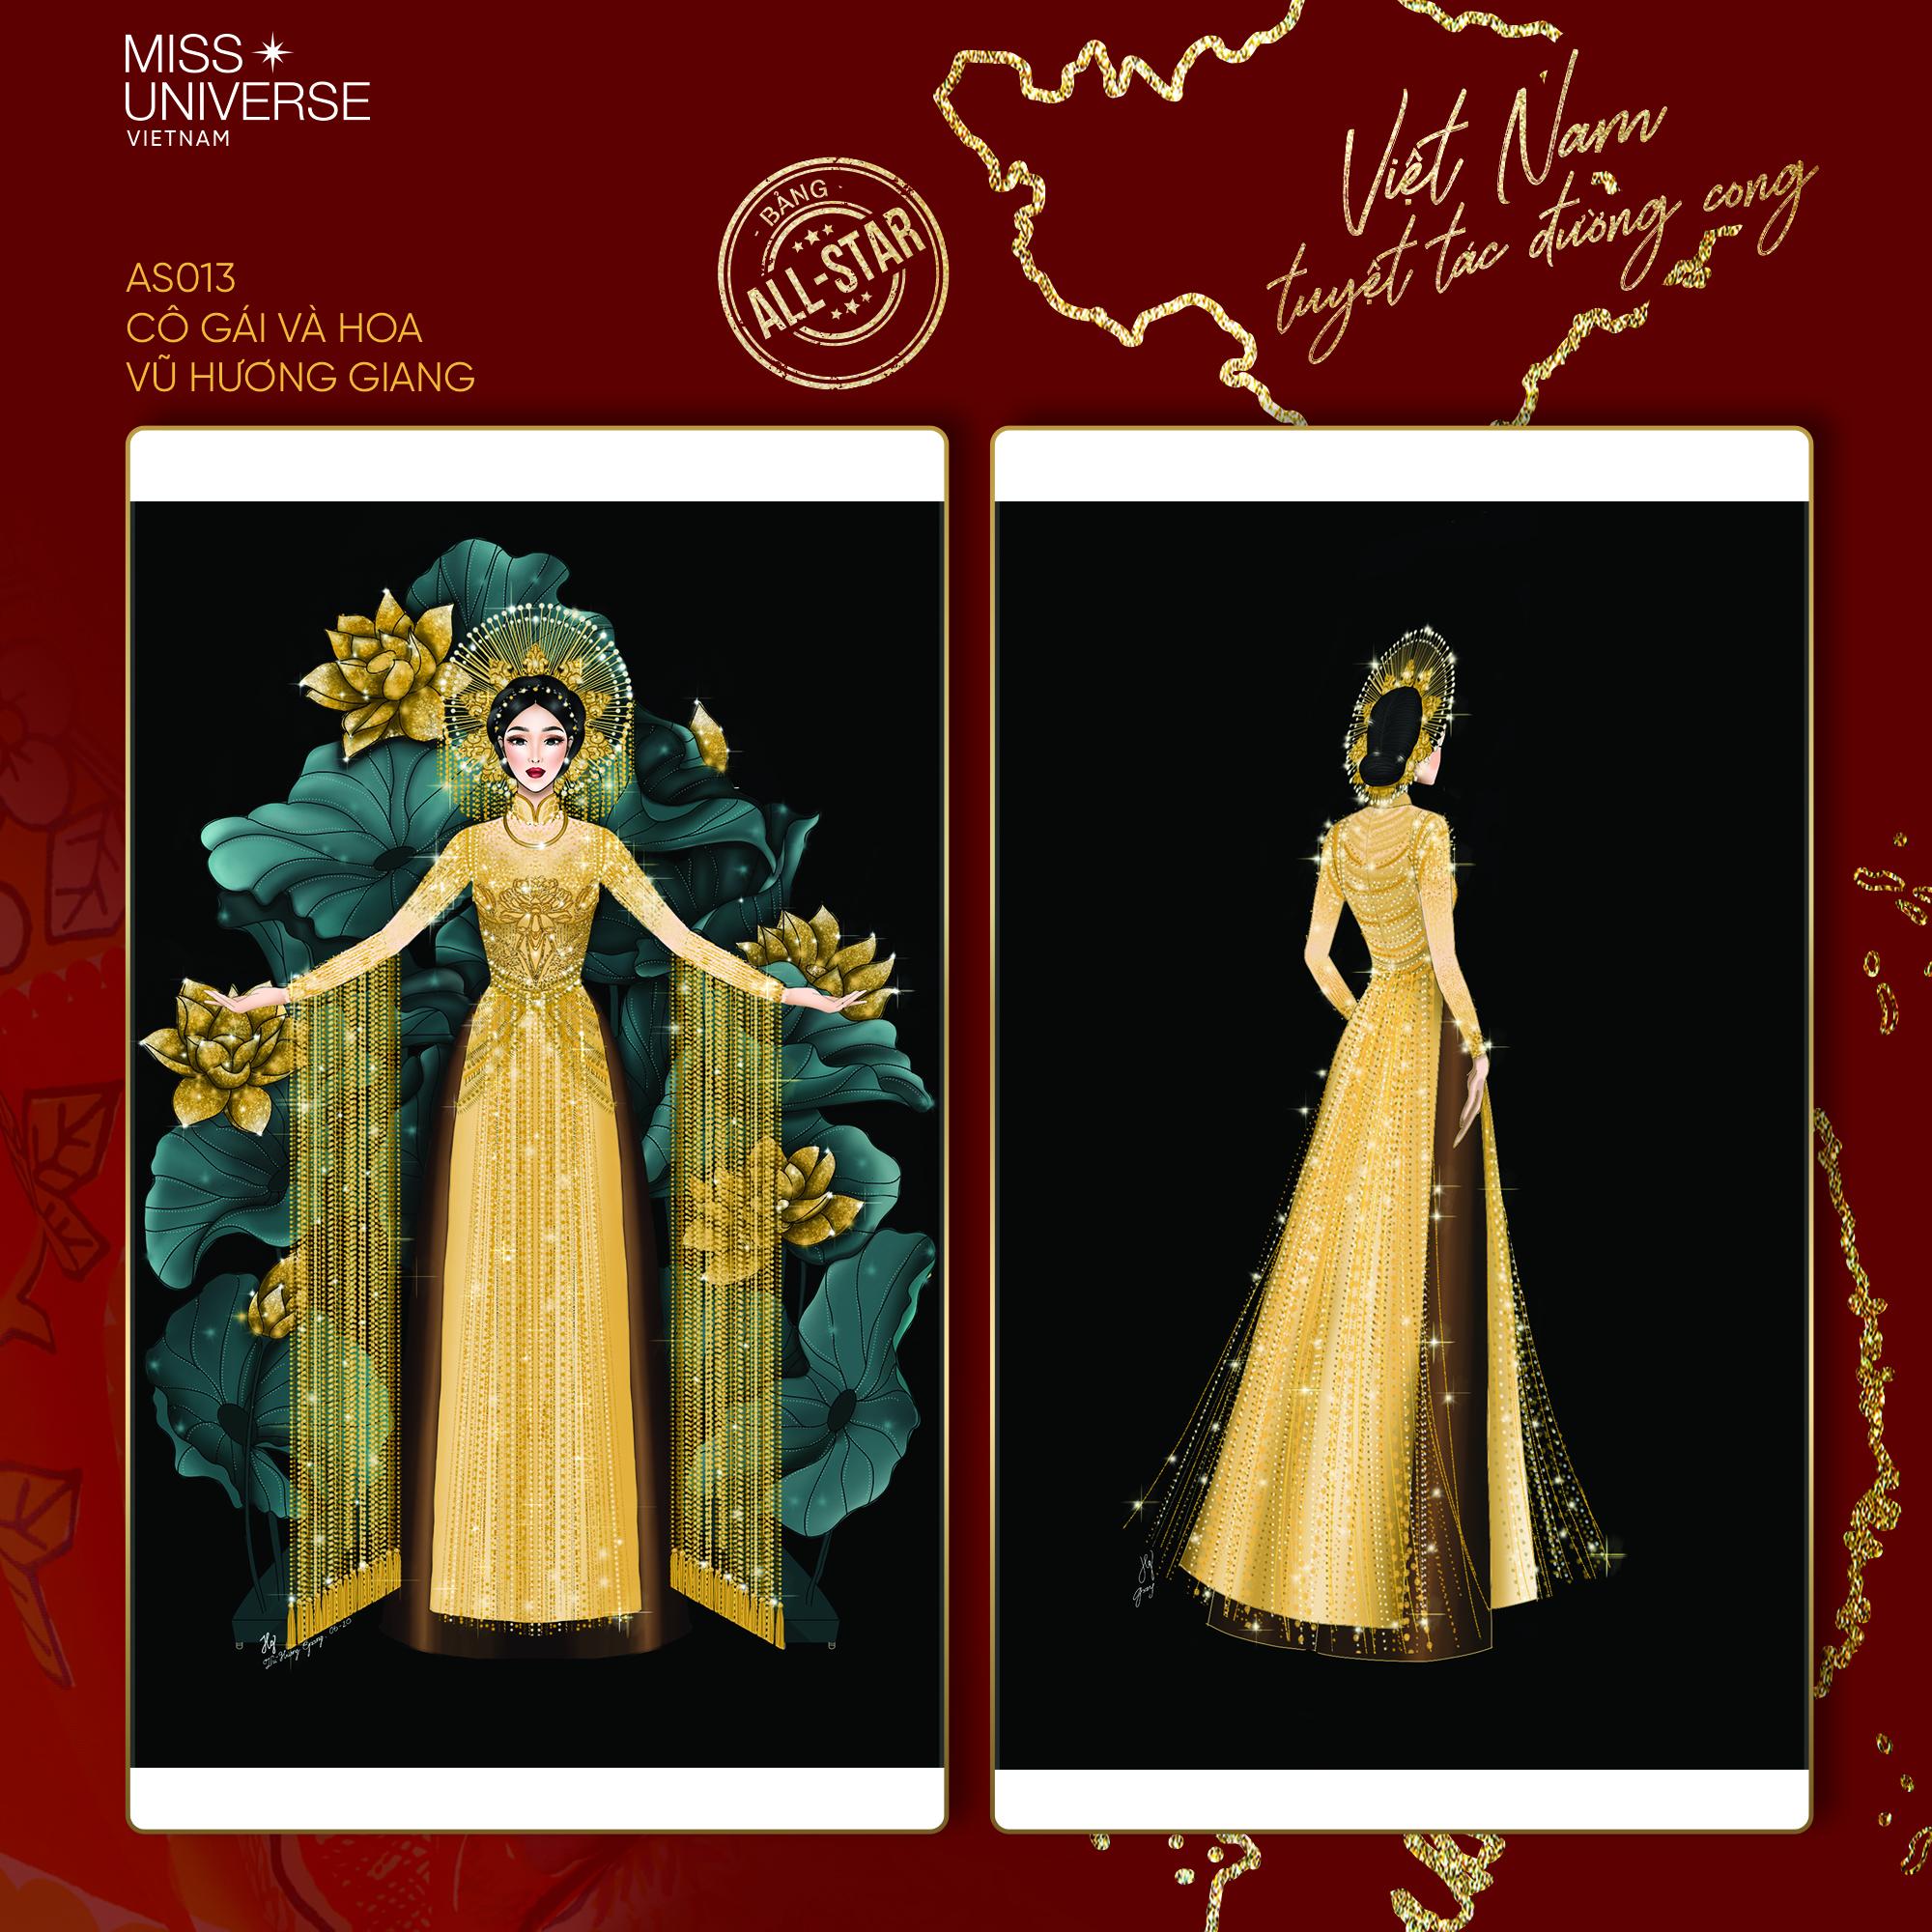 Chủ nhân National Costume Nàng Mây thiết kế váy tàu điện Metro cho Khánh Vân: Cổng trường cũng thành trang phục cực chất Ảnh 11